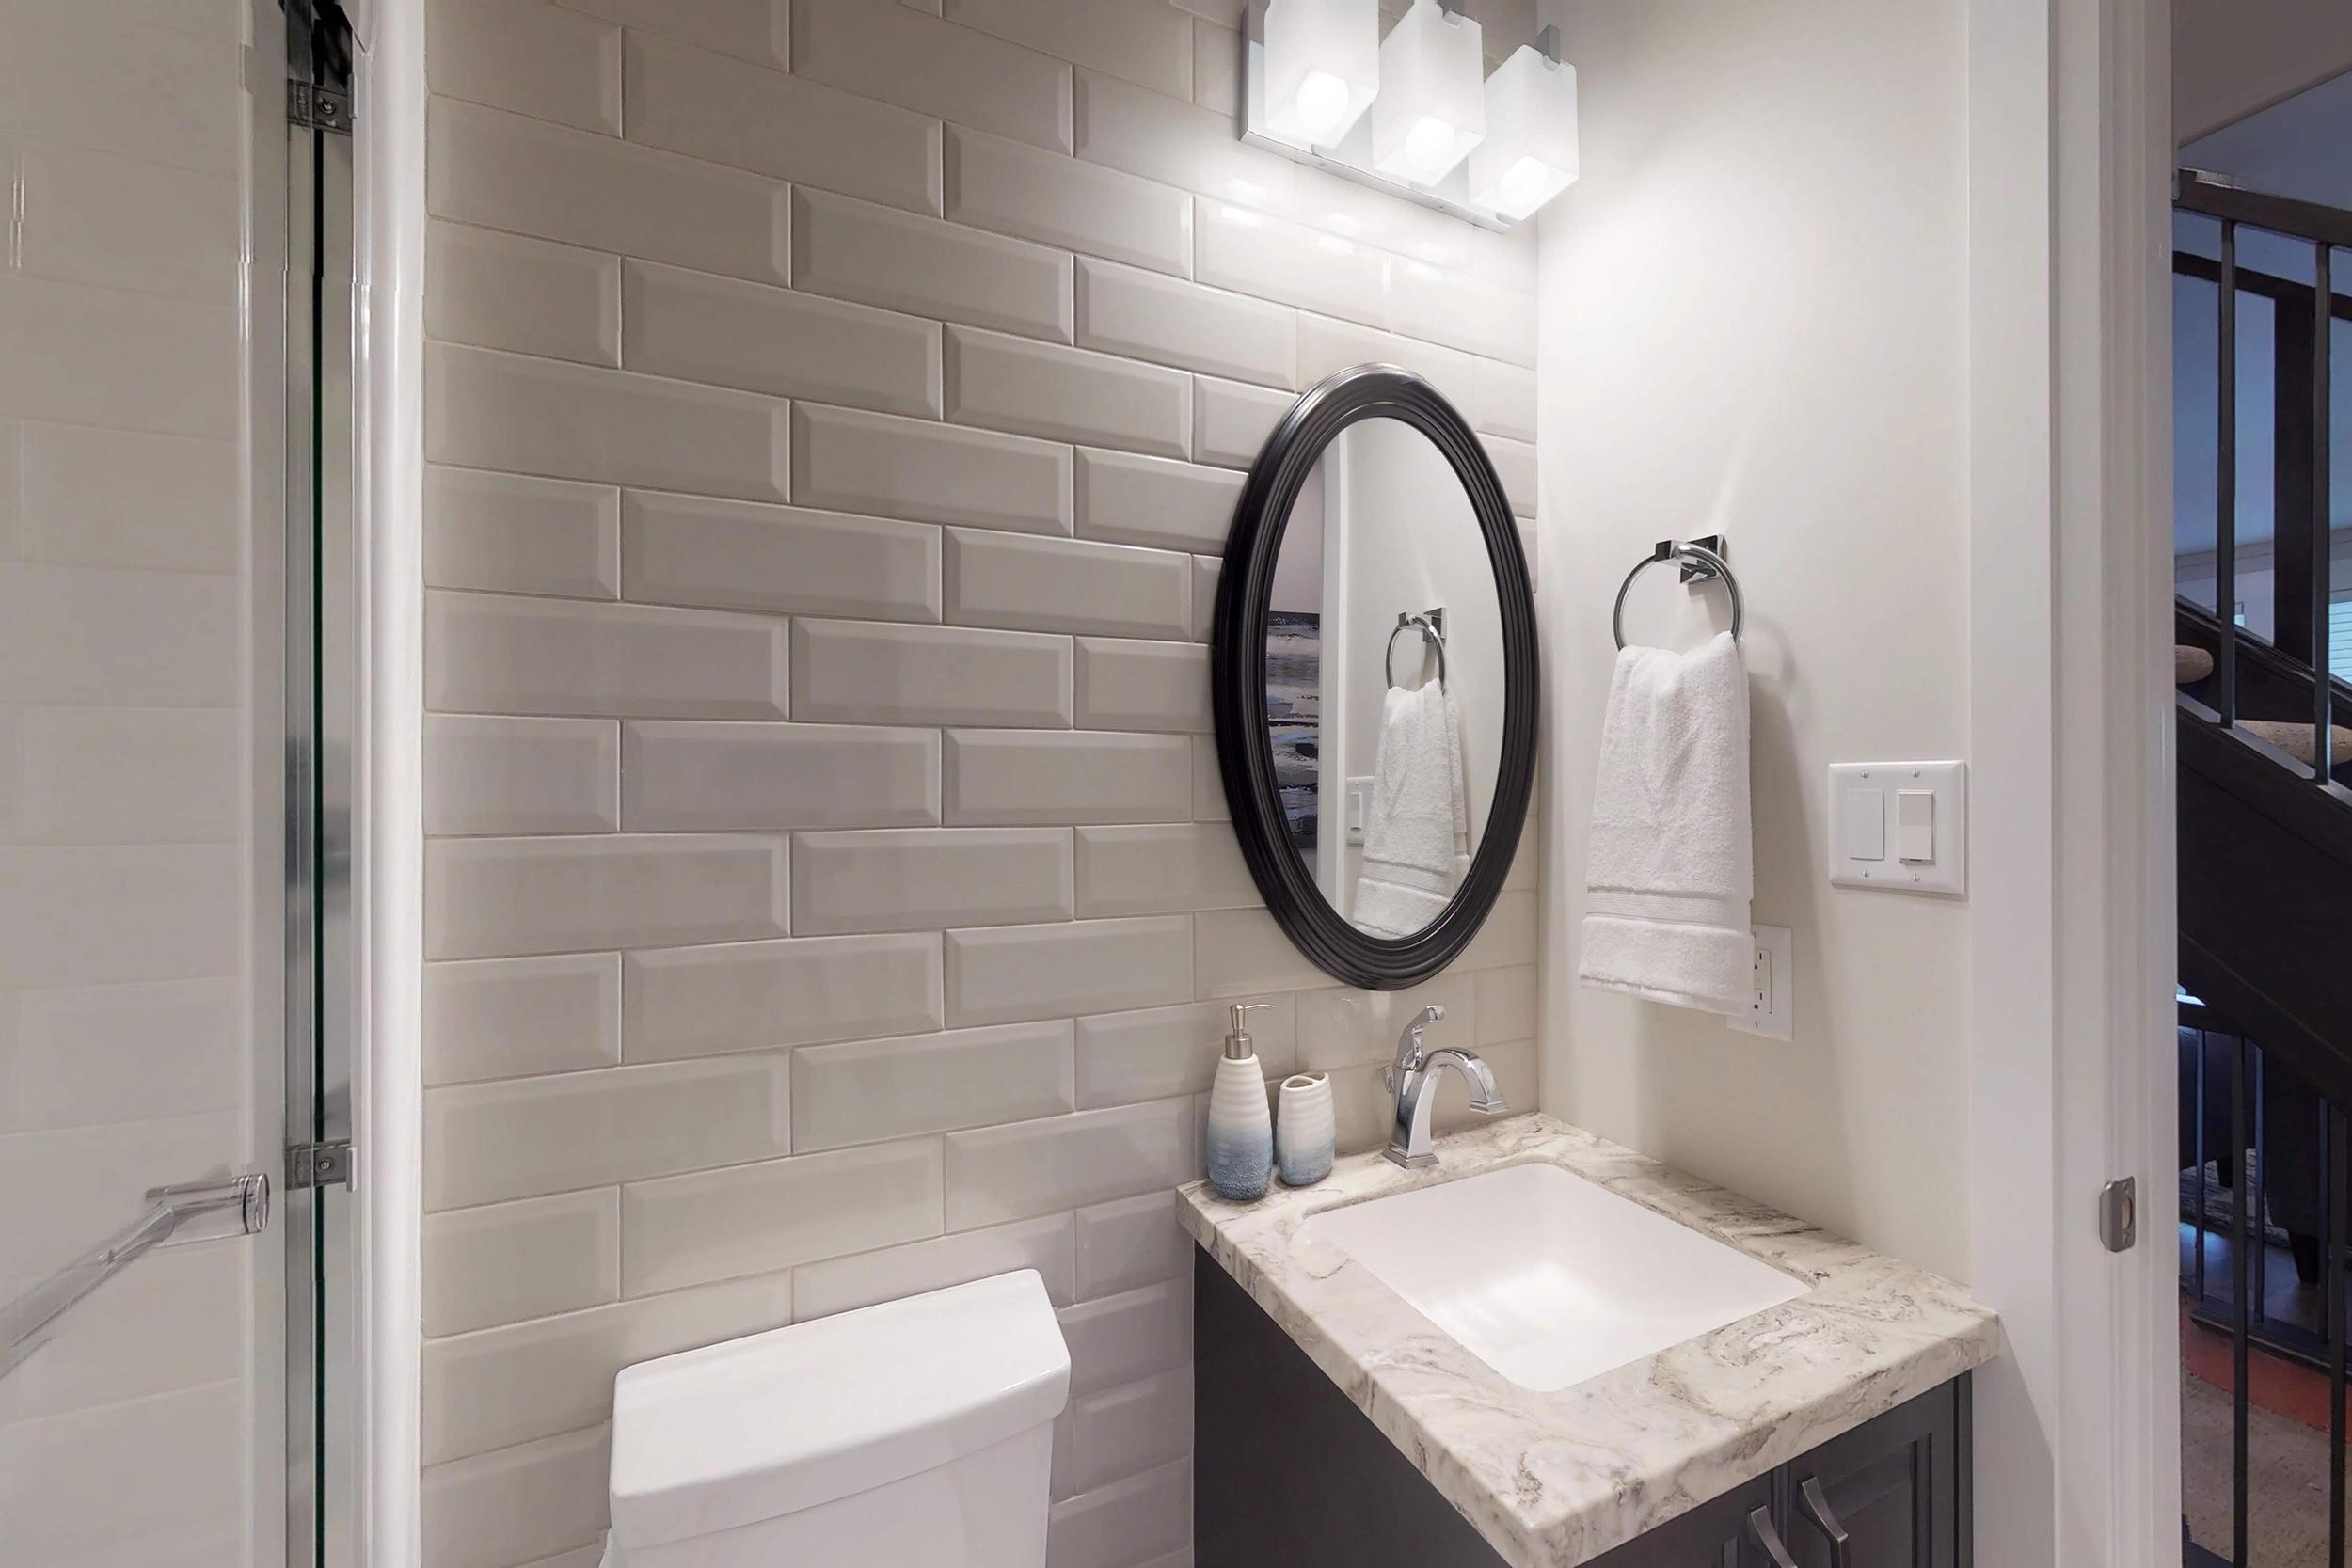 WMH-Bathroom-Sutton-02.jpg